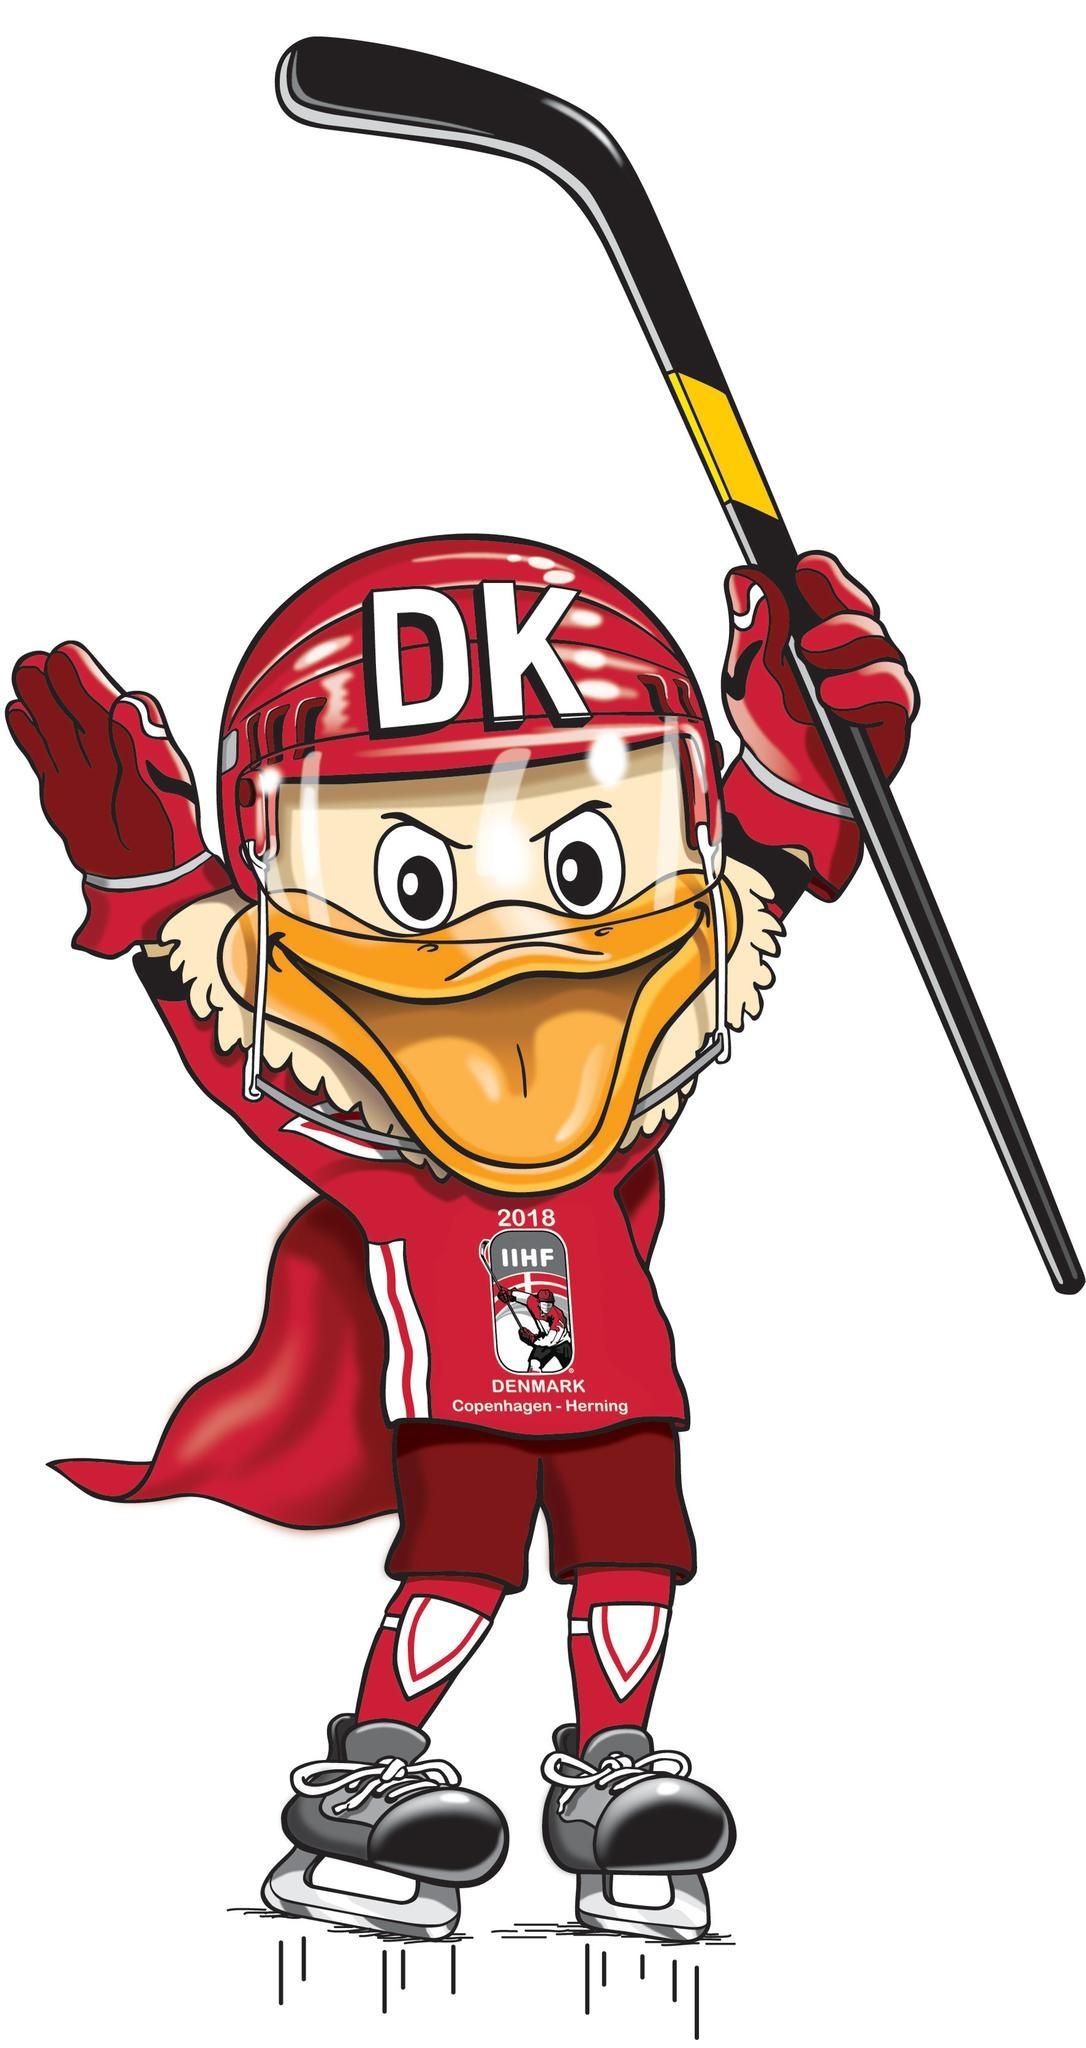 Kuvat: Tässä on Duckly, kevään MM-kiekon maskotti! - Leijonat - Jääkiekko - Sport - MTV.fi